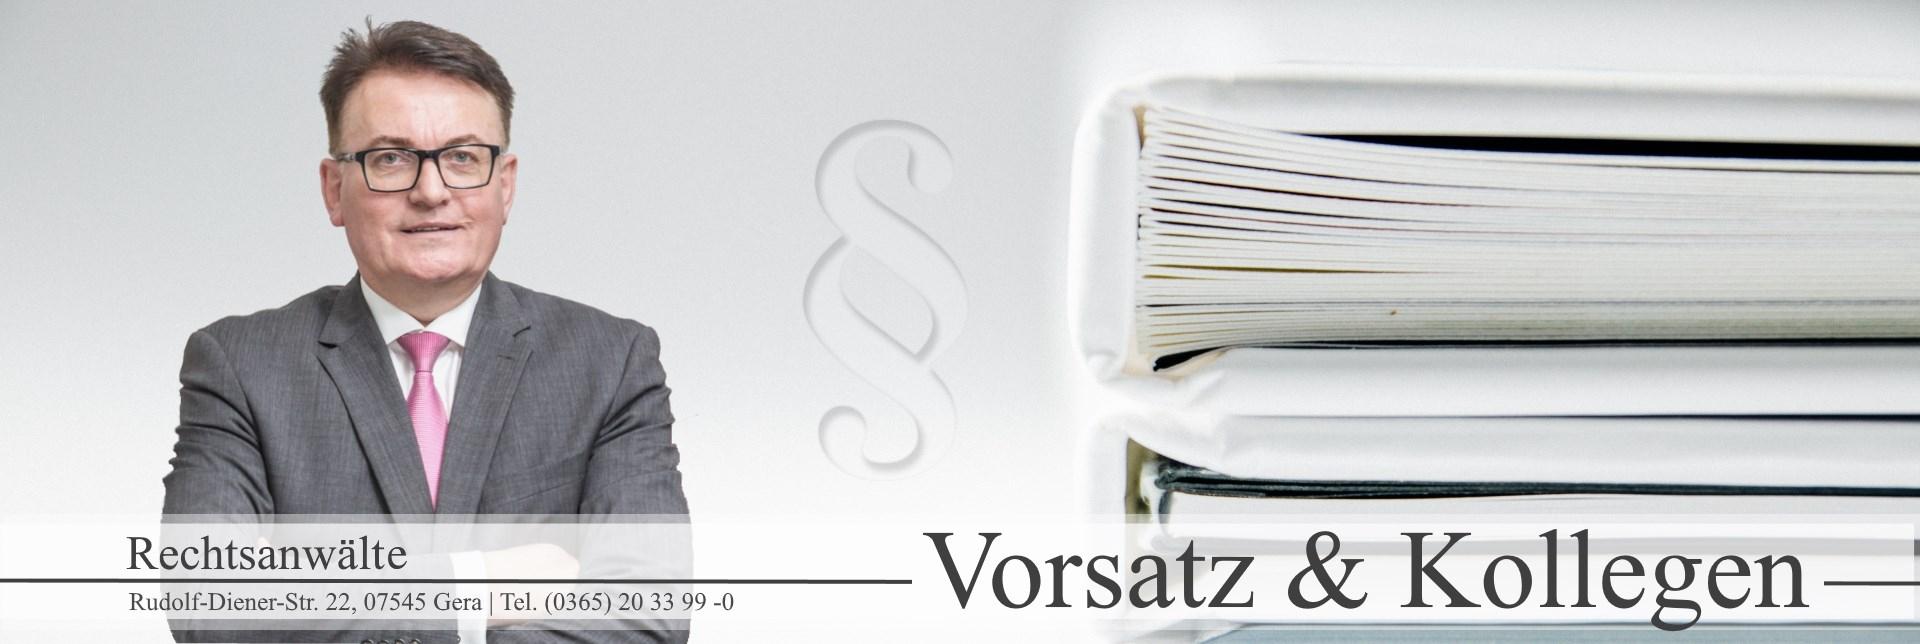 Rechtsanwälte Vorsatz & Kollegen aus Gera